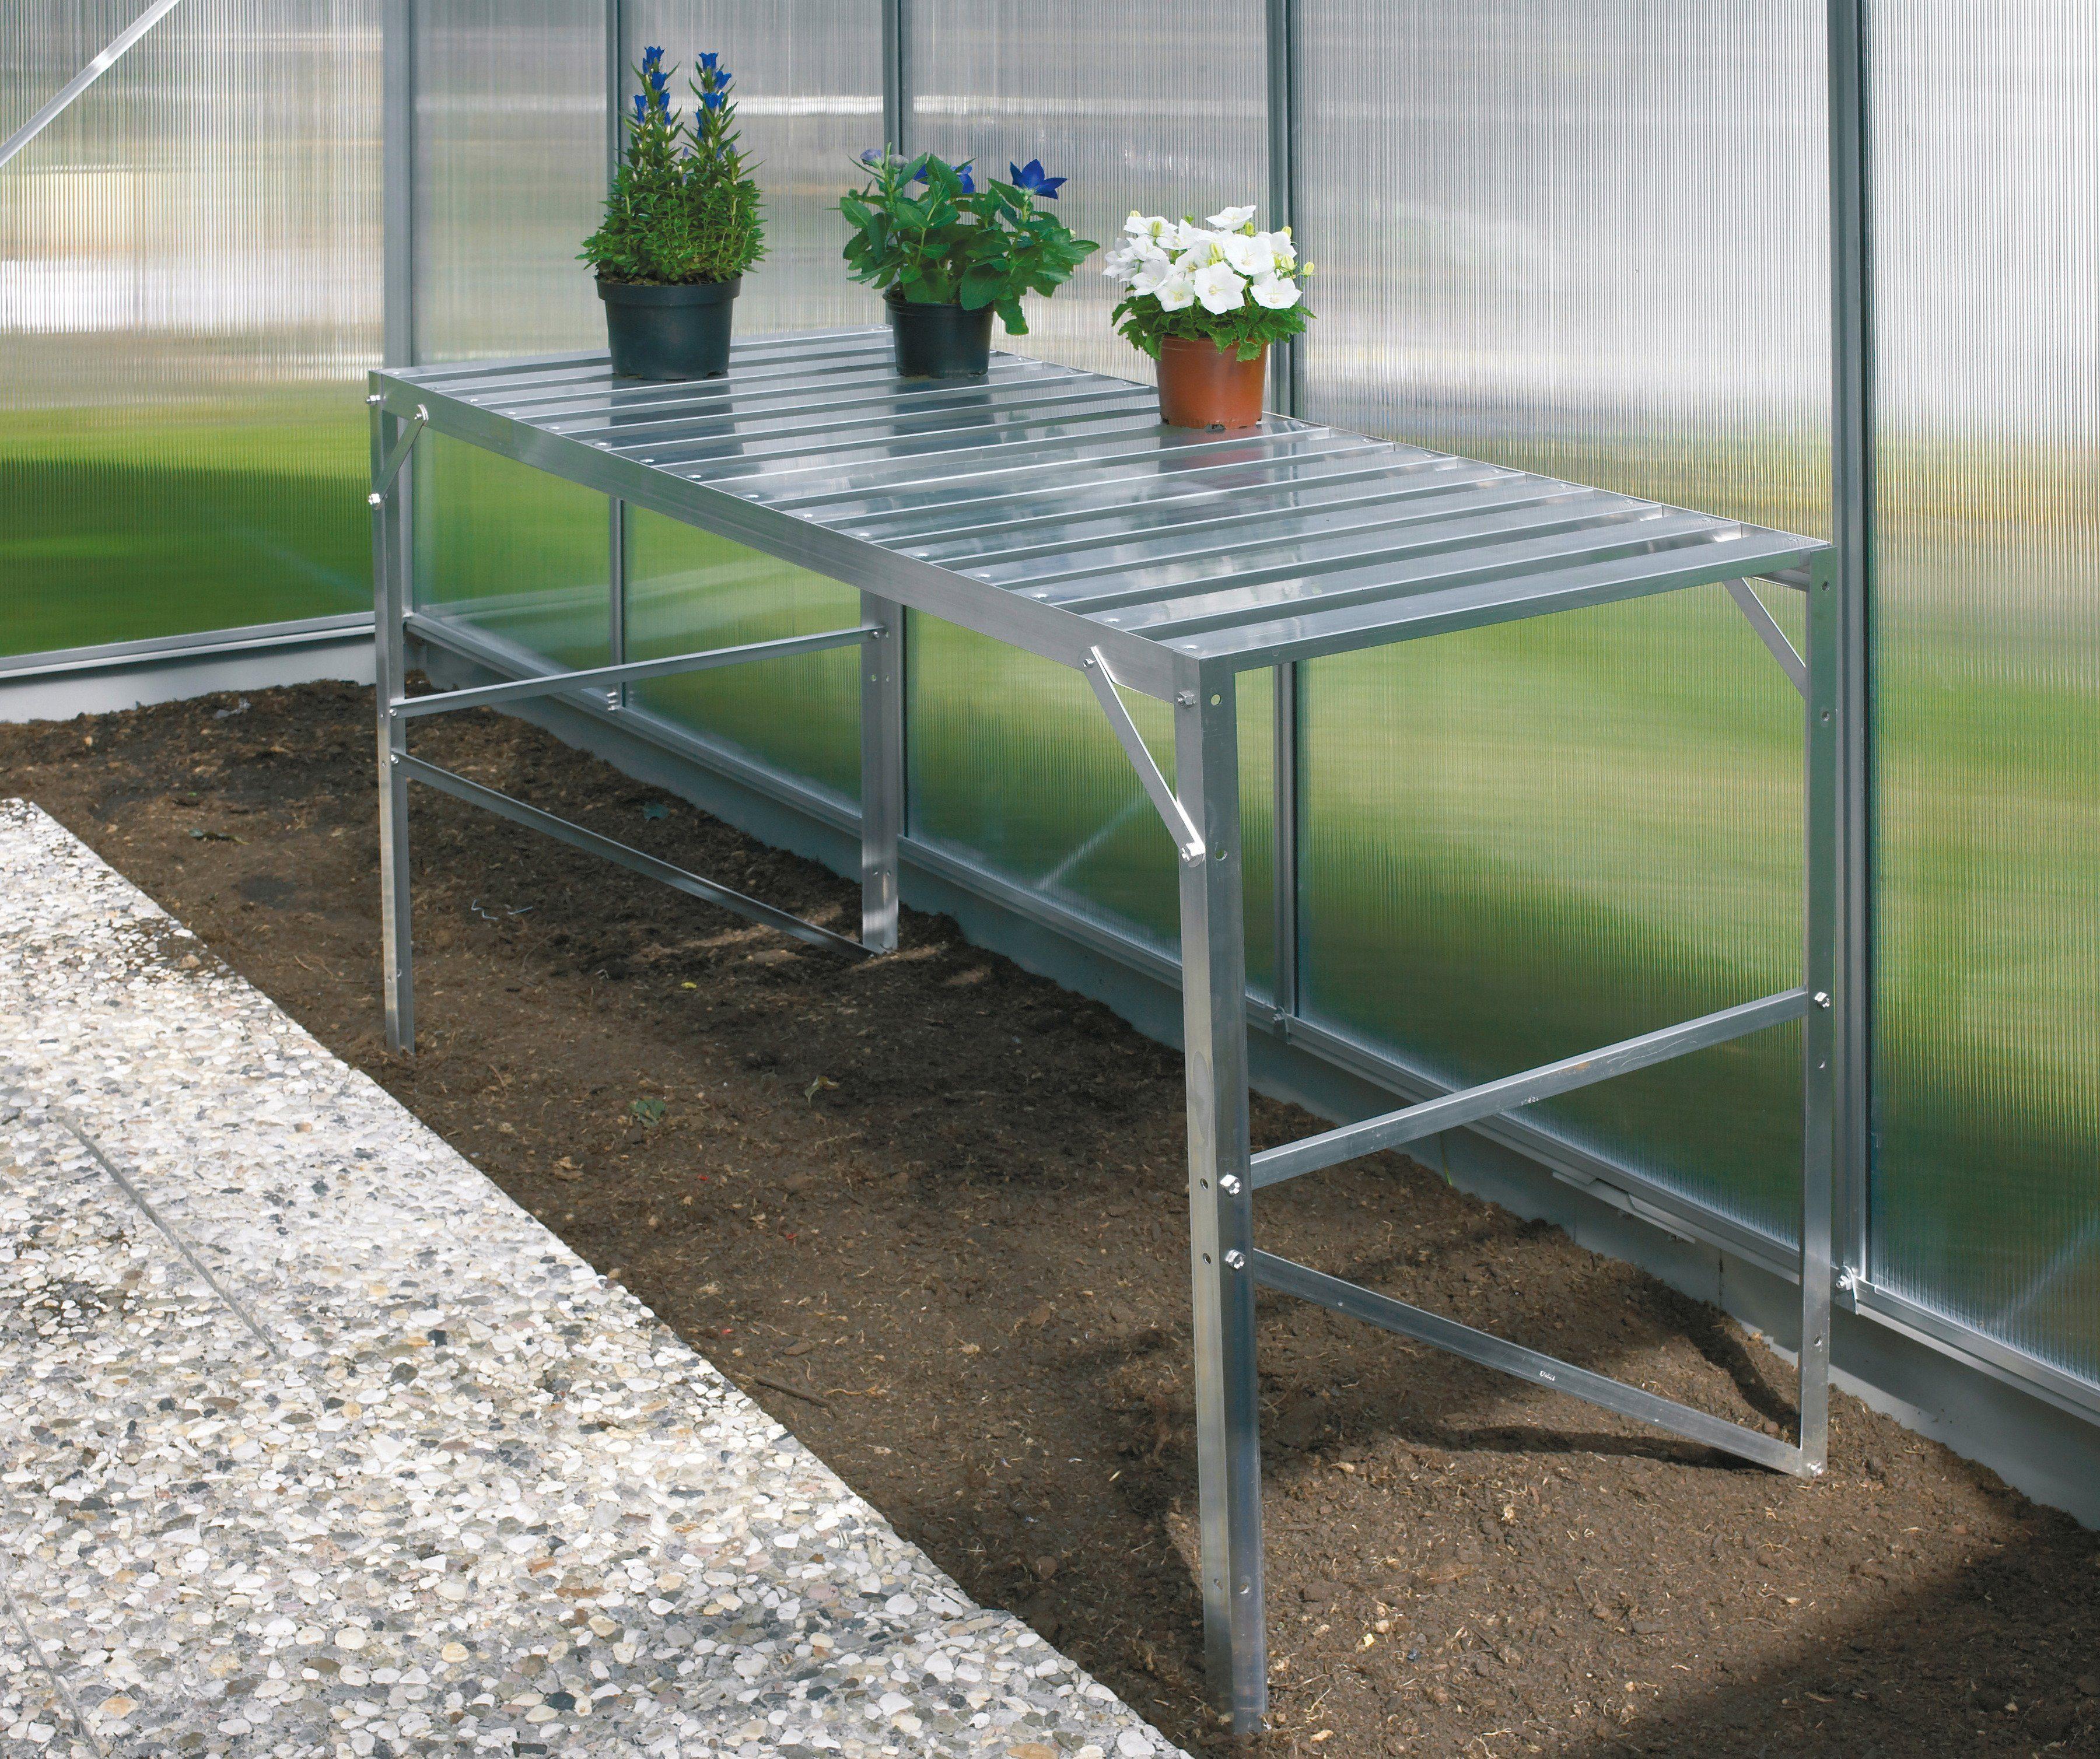 VITAVIA Tisch , für Gewächshäuser, BxTxH: 121x54x76 cm